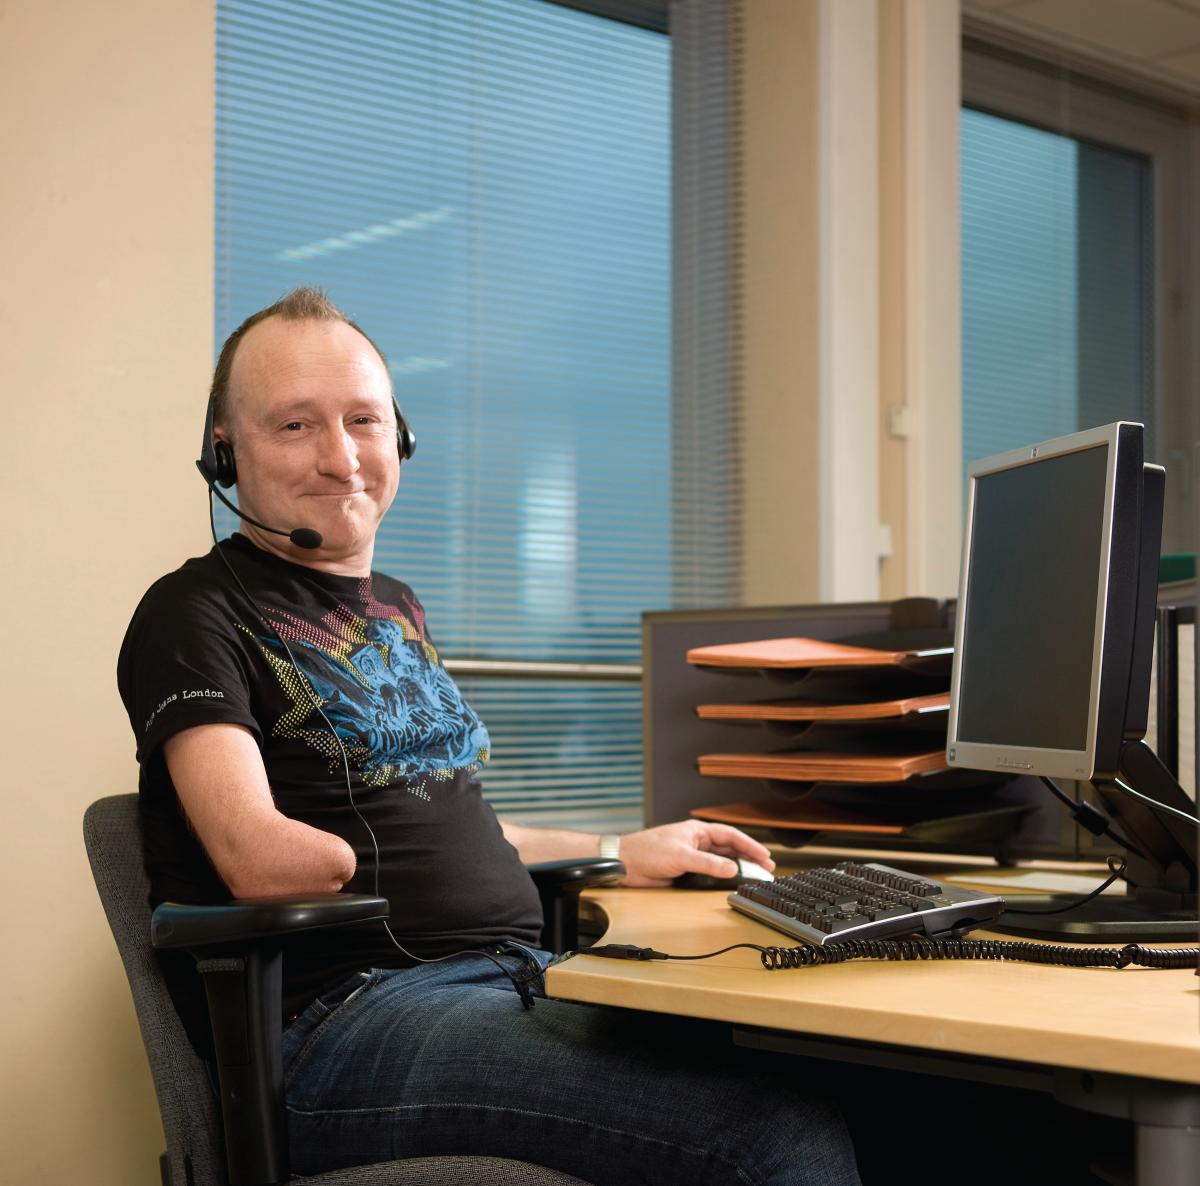 Foto Willem, collega met een handicap